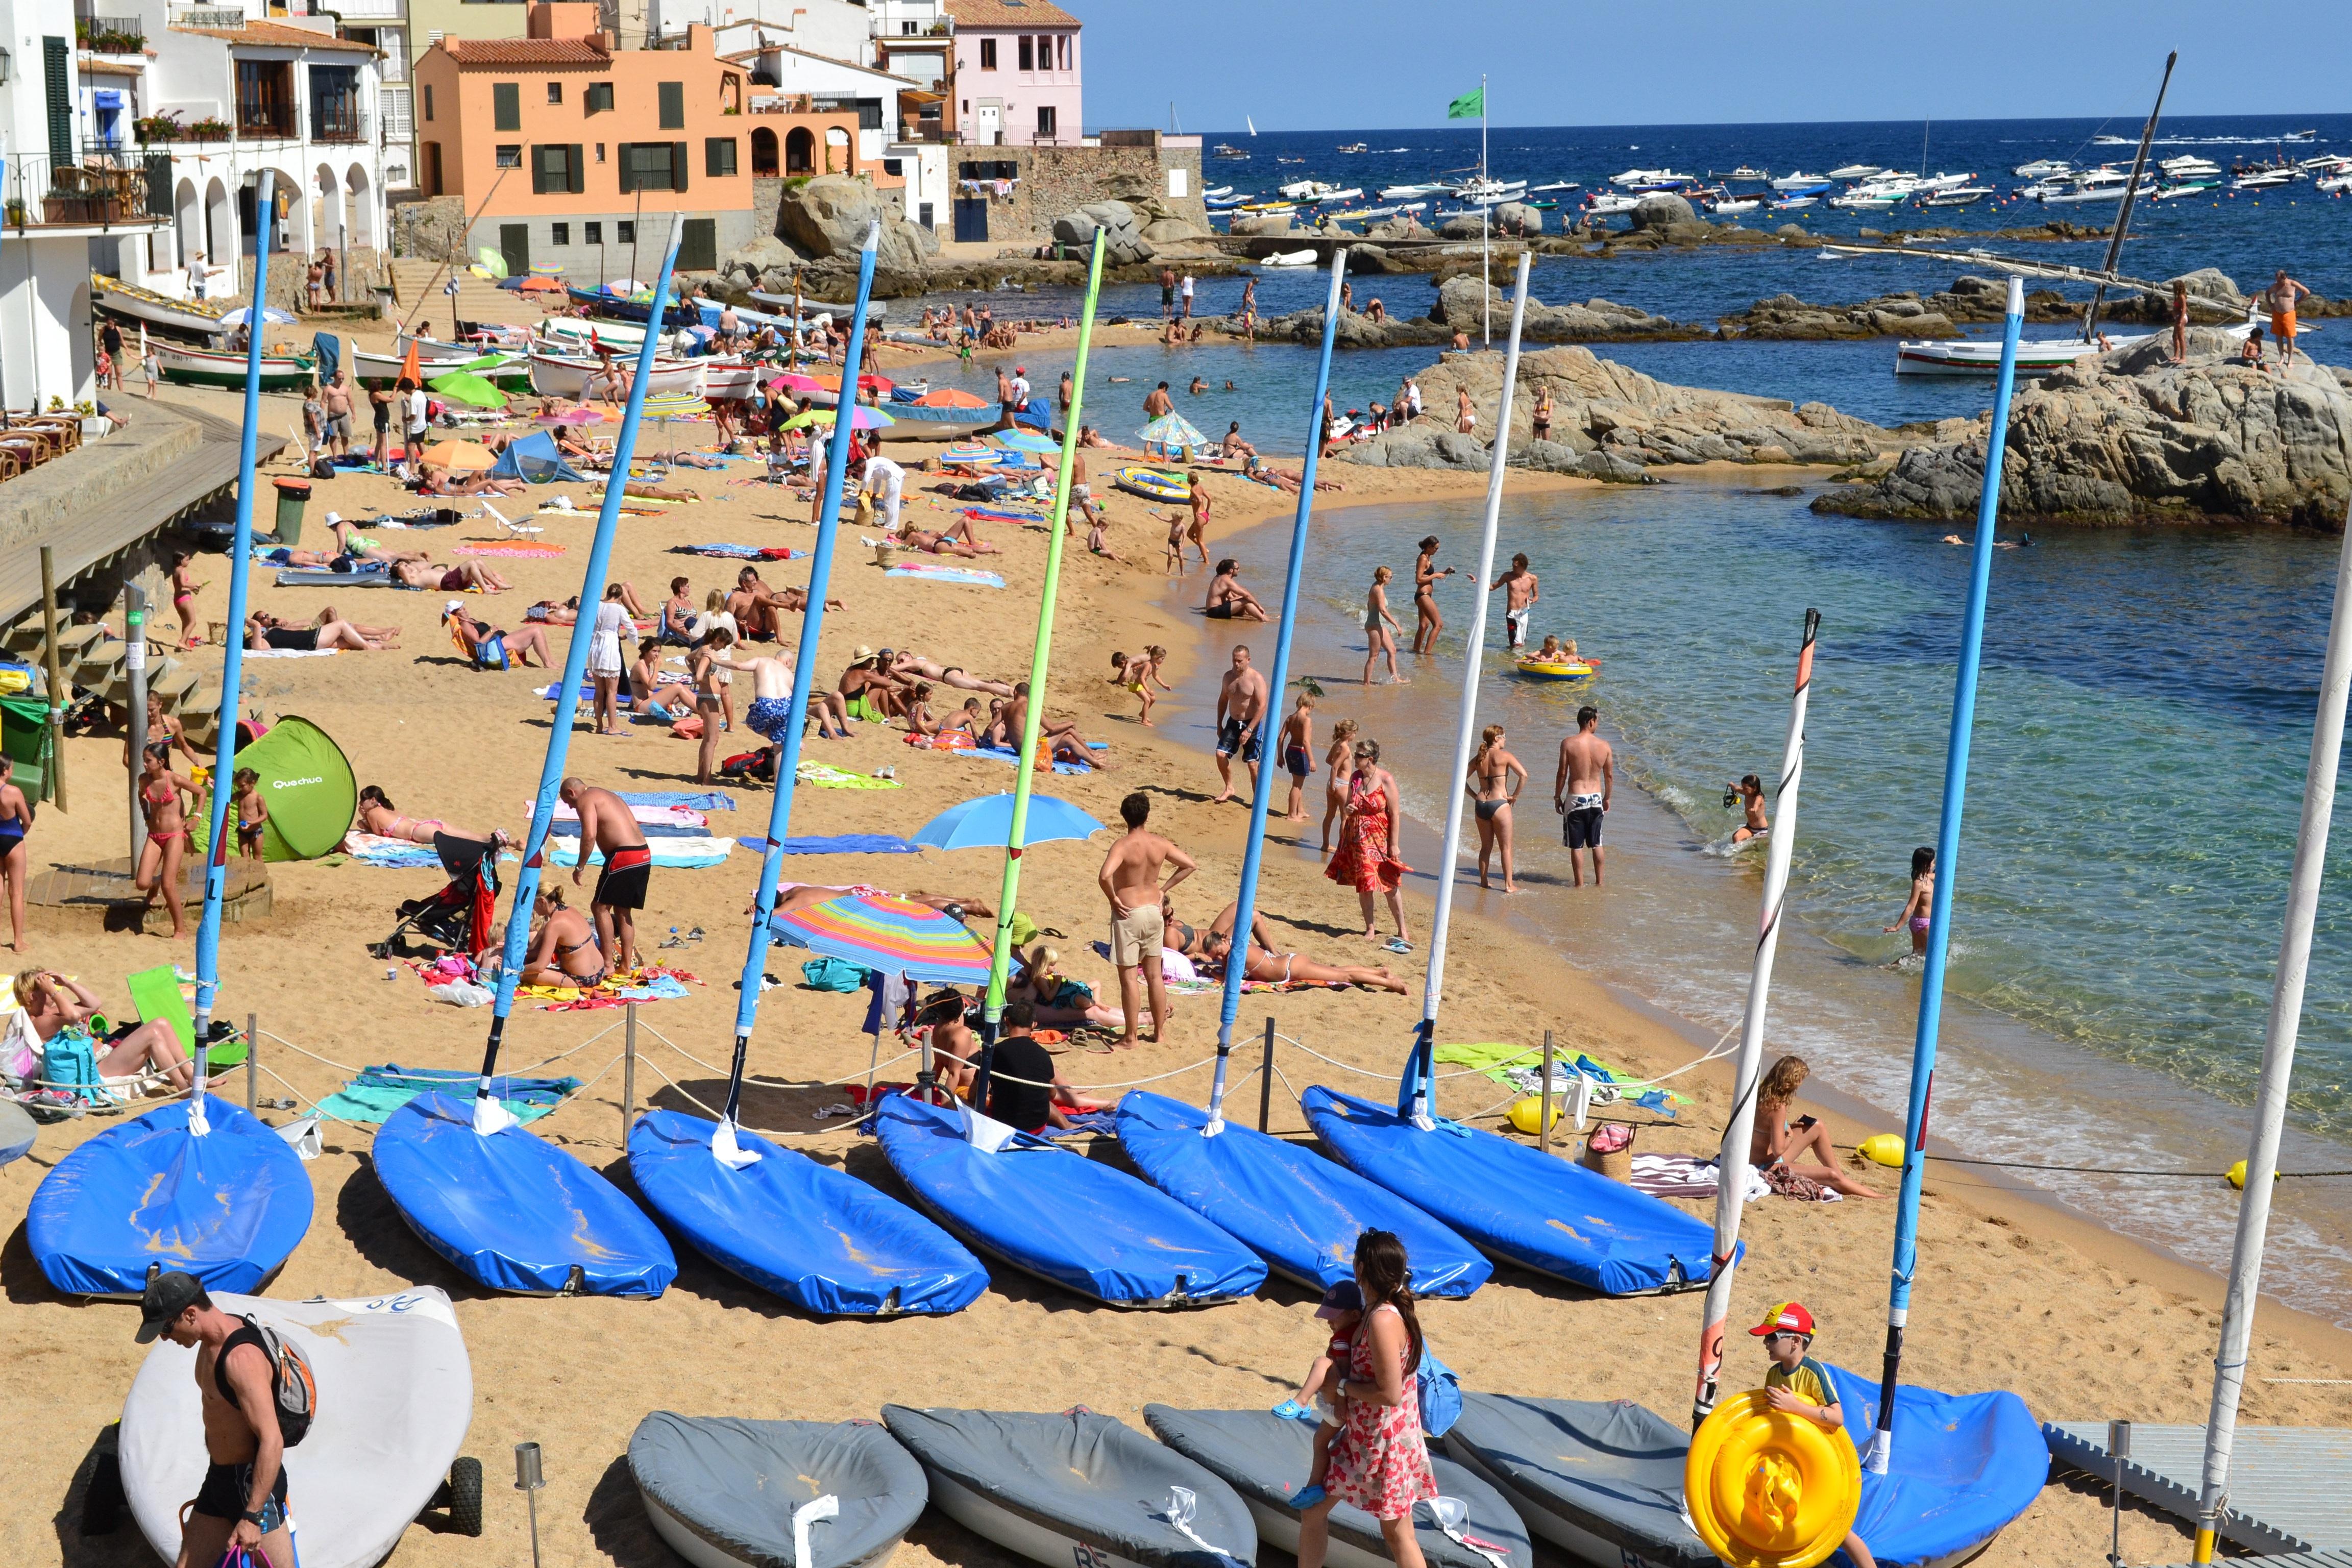 Температура воды в Средиземном и Кантабрийском морях поднялась до рекордной высоты